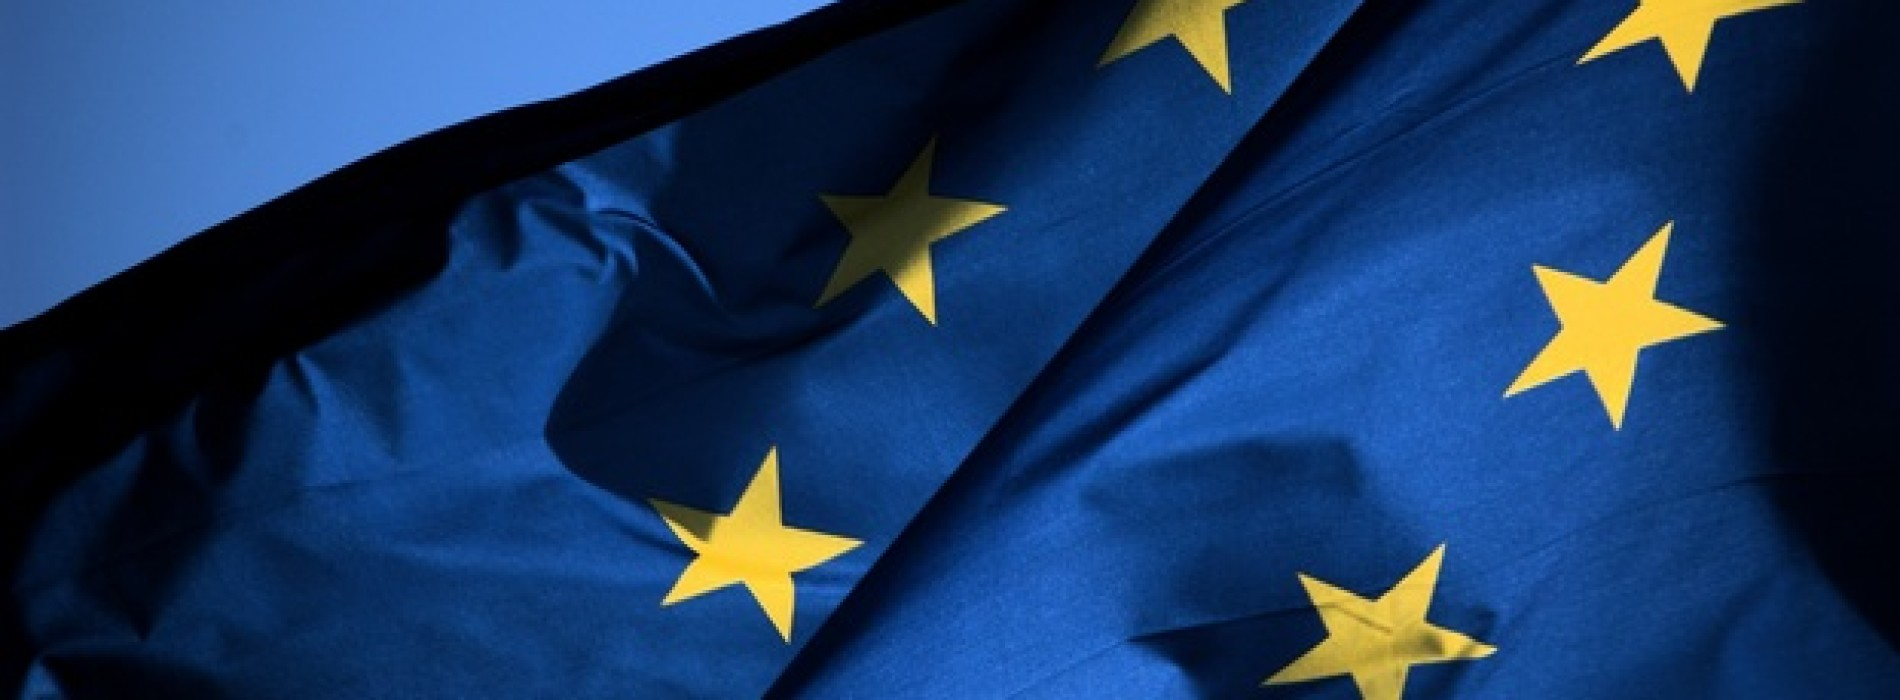 Forint i węgierska giełda nieczułe na niechęć Orbána do euro